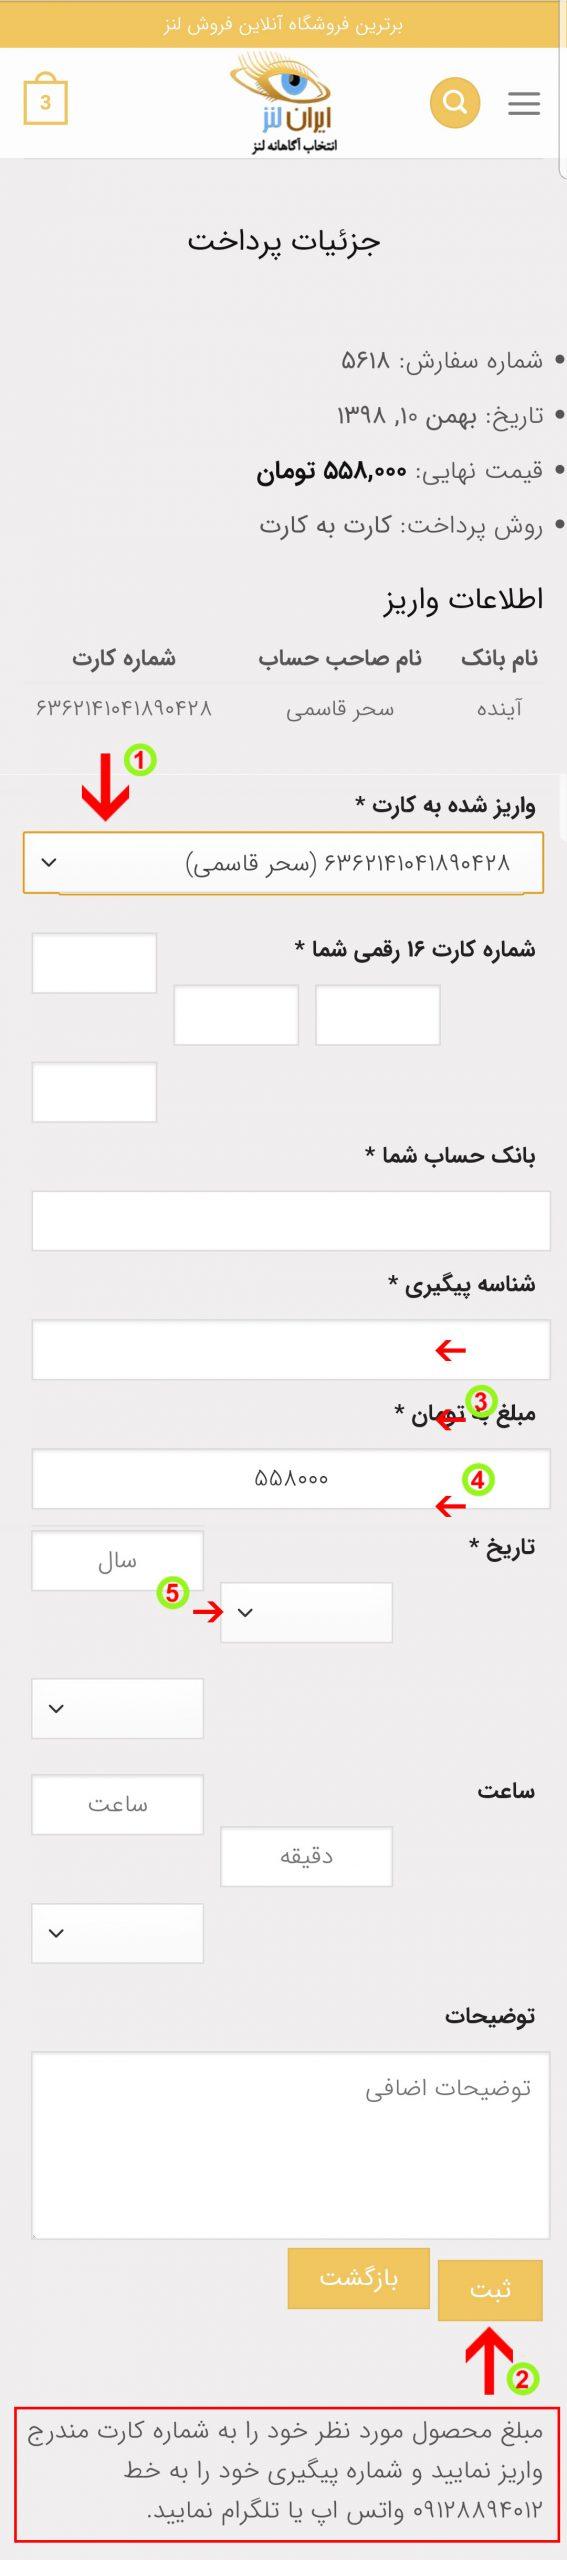 آموزش پرداخت کارت به کارت از طریق موبایل در سایت ایران لنز